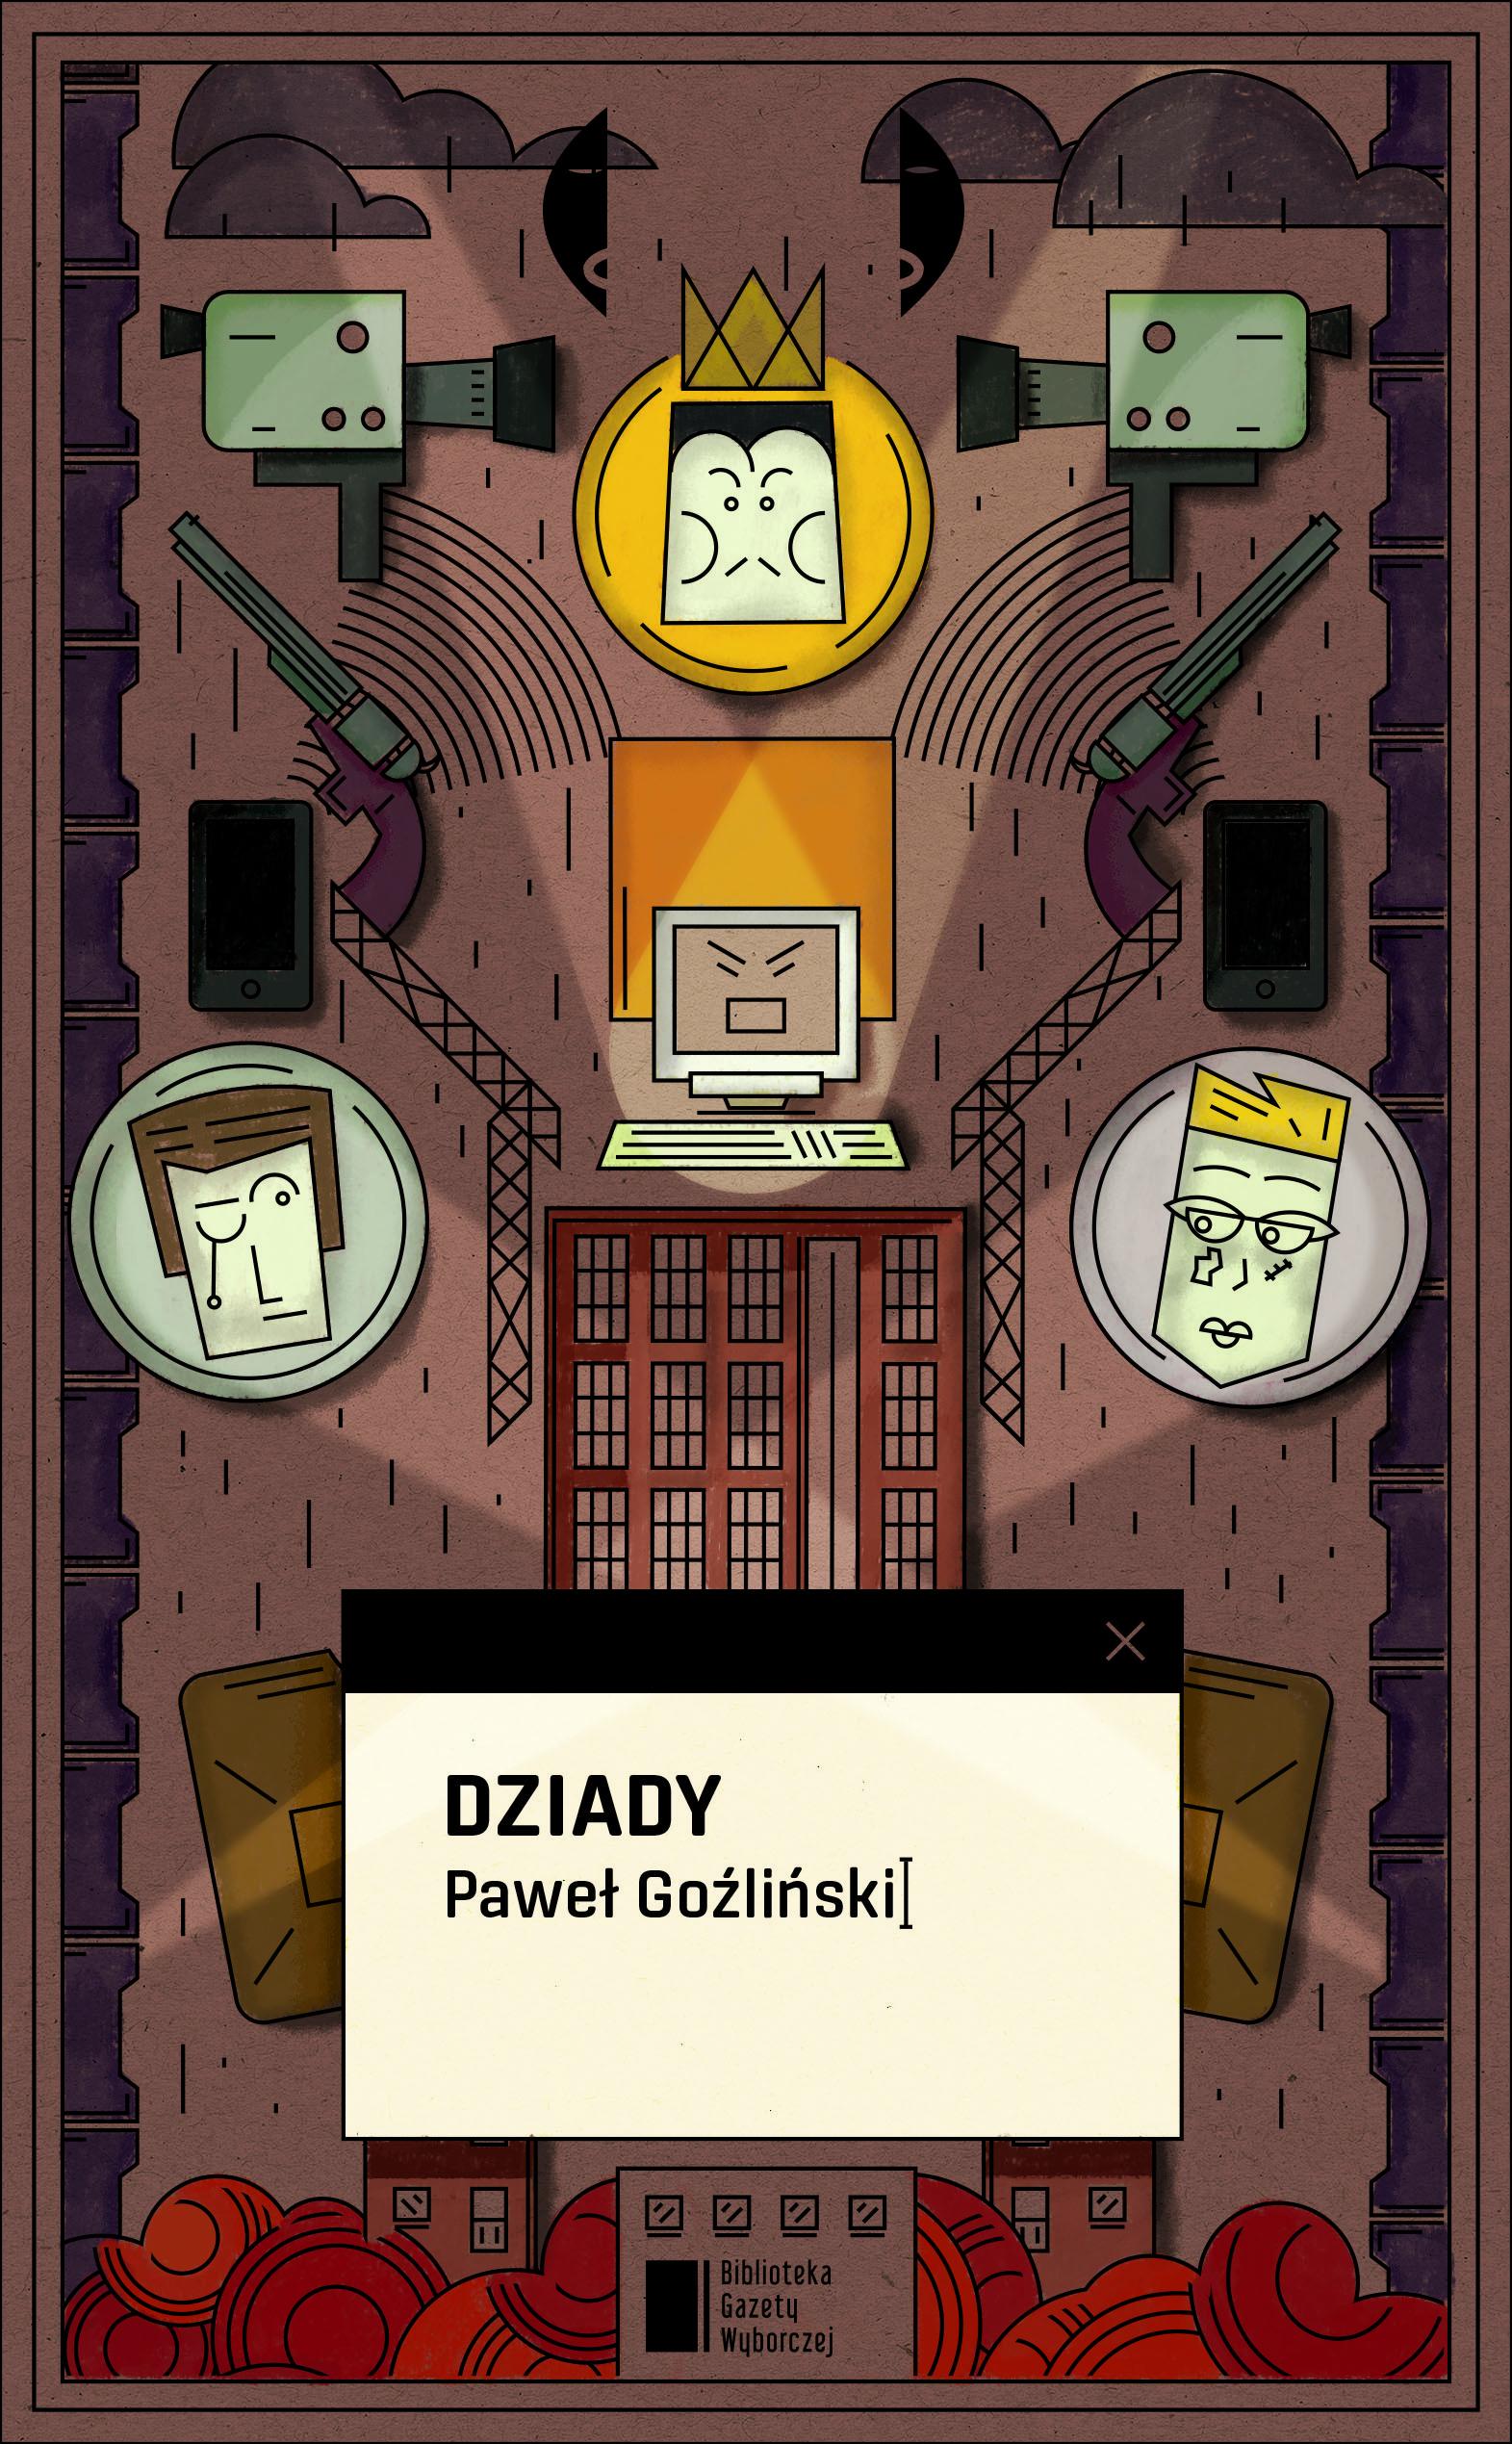 Dziady Paweł Goźliński